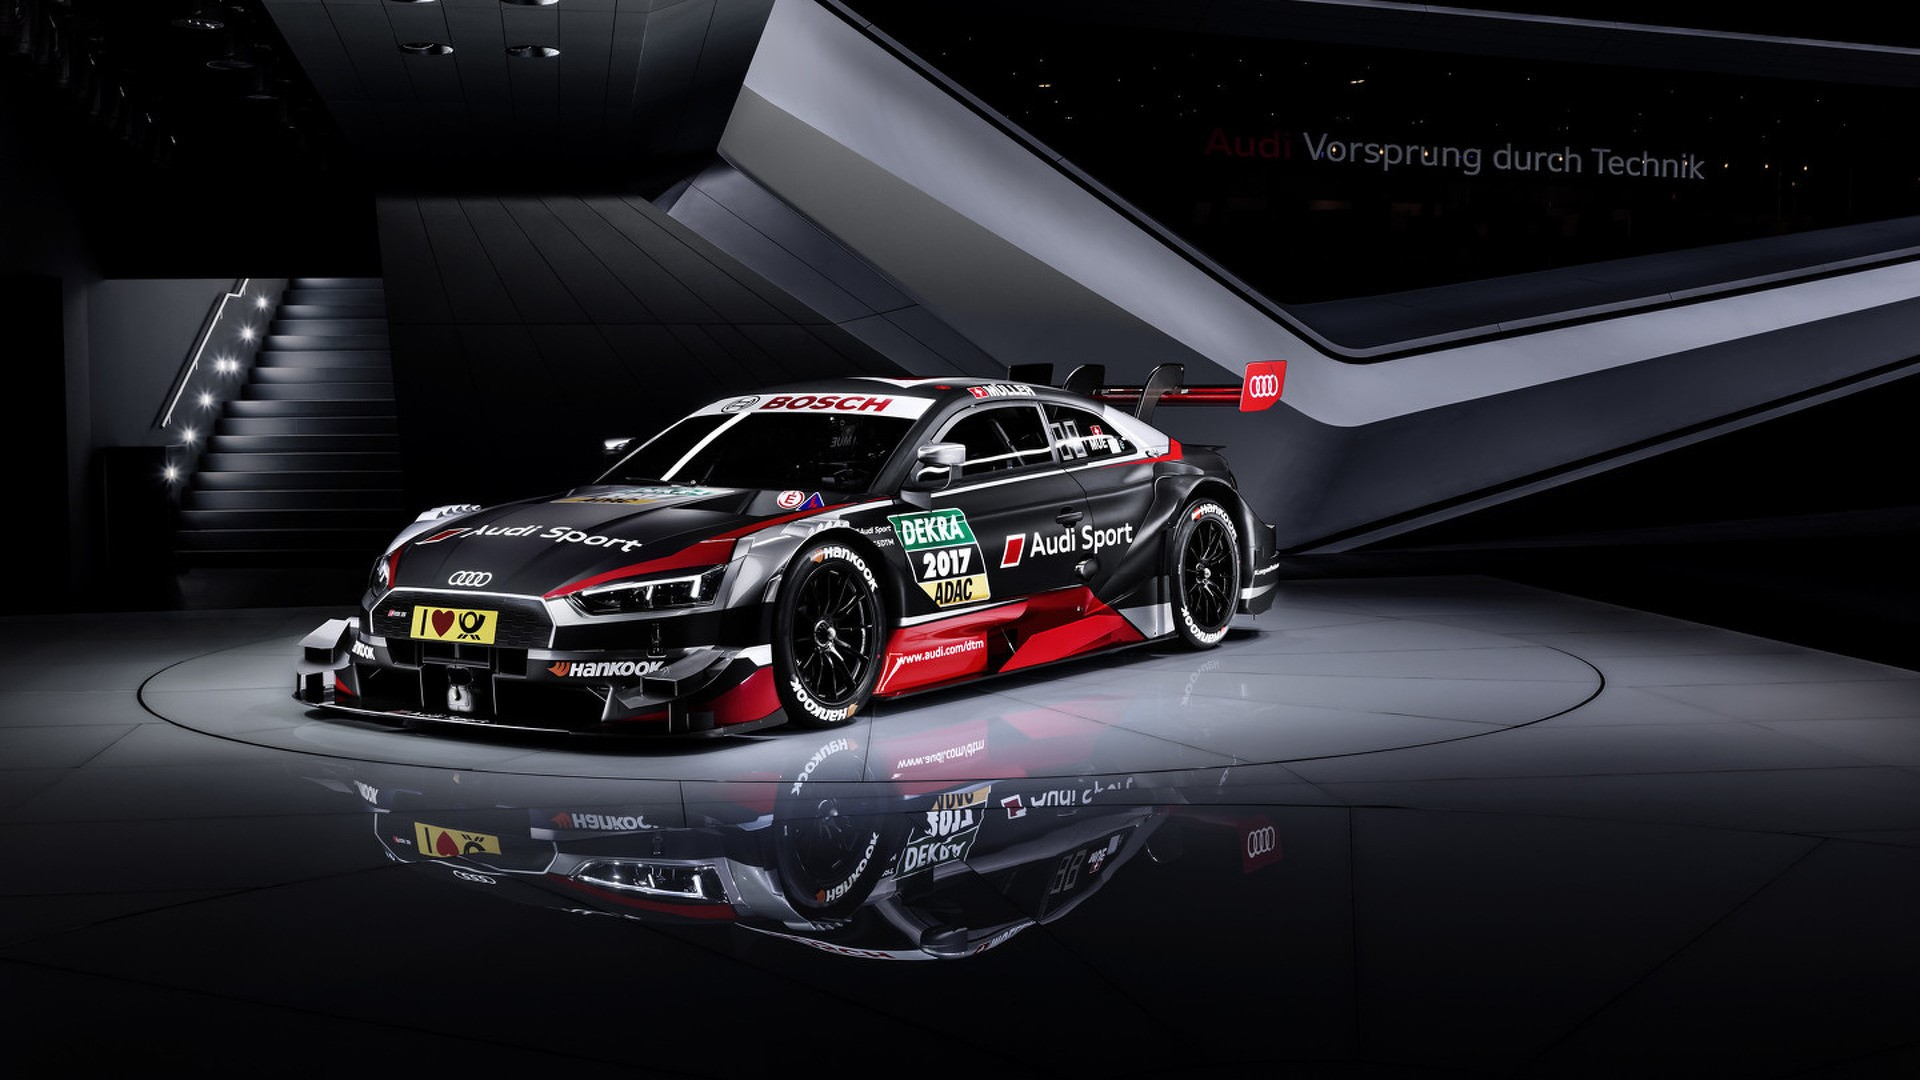 Audi Rs5 Lamborghini Engine >> 2017 Audi RS5 DTM